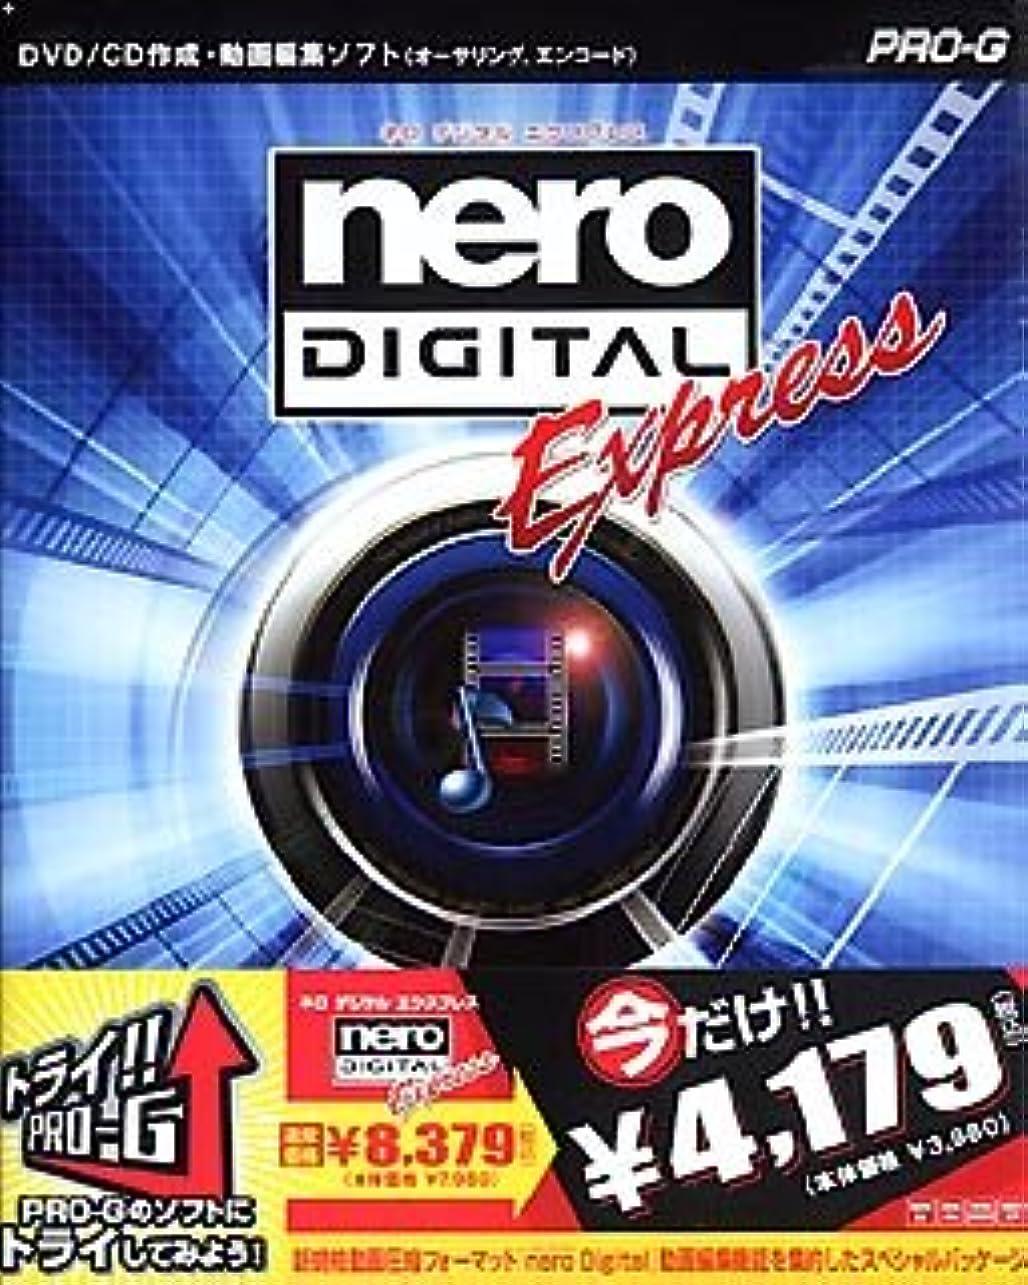 ながらベストうぬぼれTRY PRO-G nero Digital Express (限定2000本)